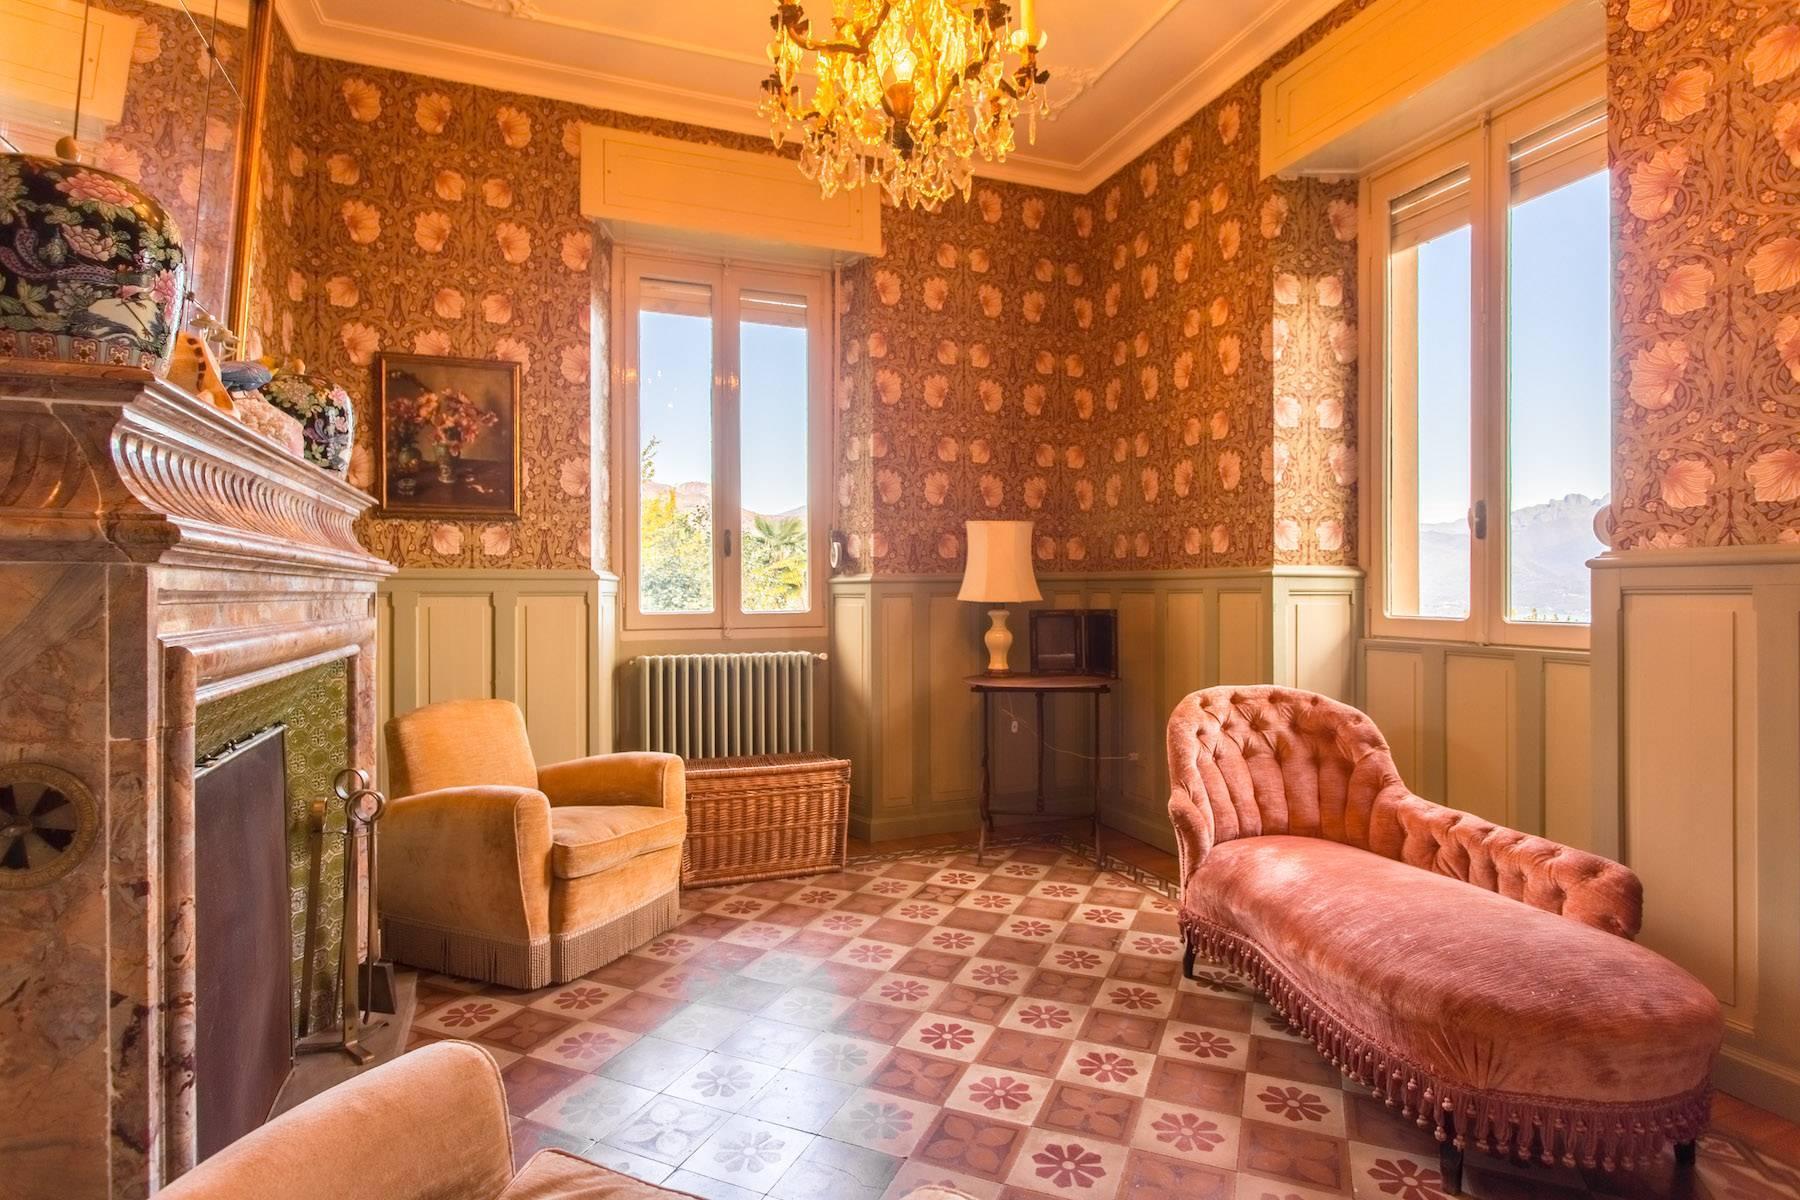 Incantevole Villa in stile Liberty con affaccio mozzafiato sul lago Maggiore e sulle sue isole Borromee - 7